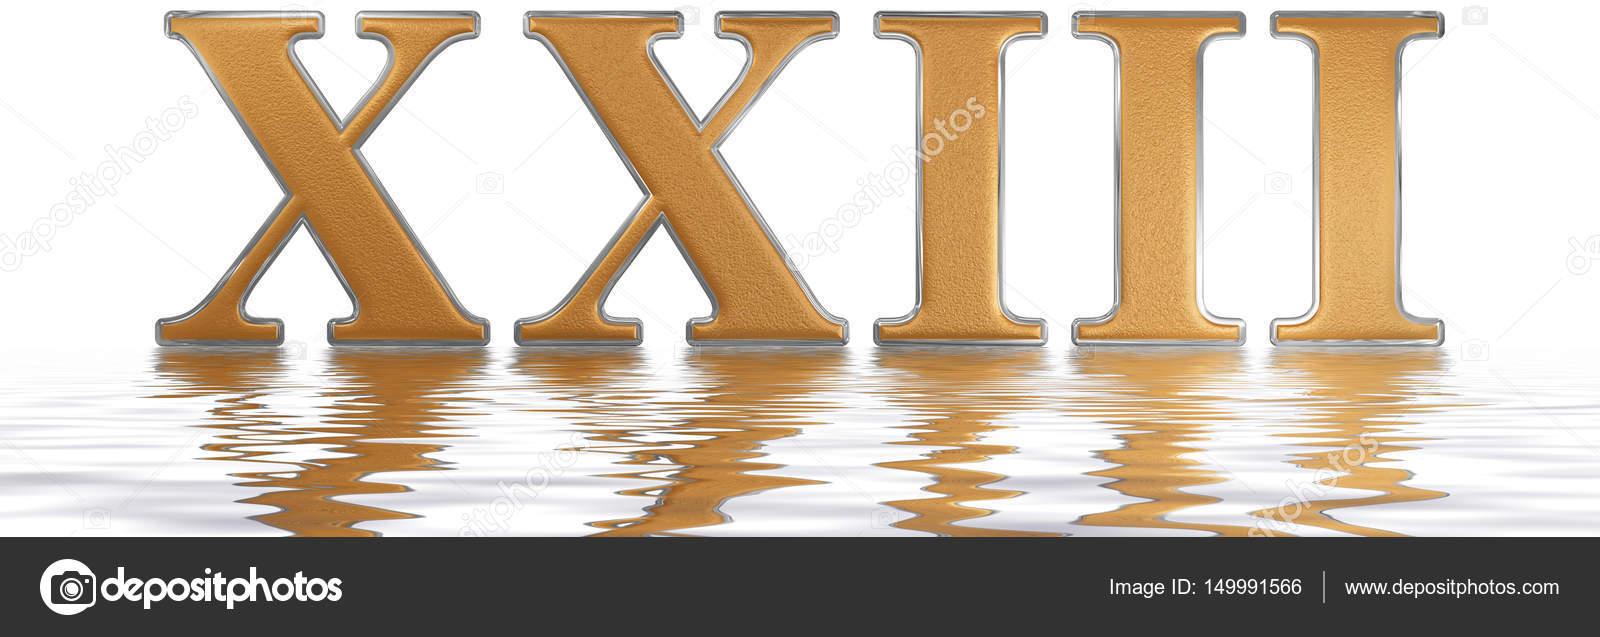 23 Chiffre Romain chiffre romain xxiii, tres et viginti, 23, vingt-trois, reflecte